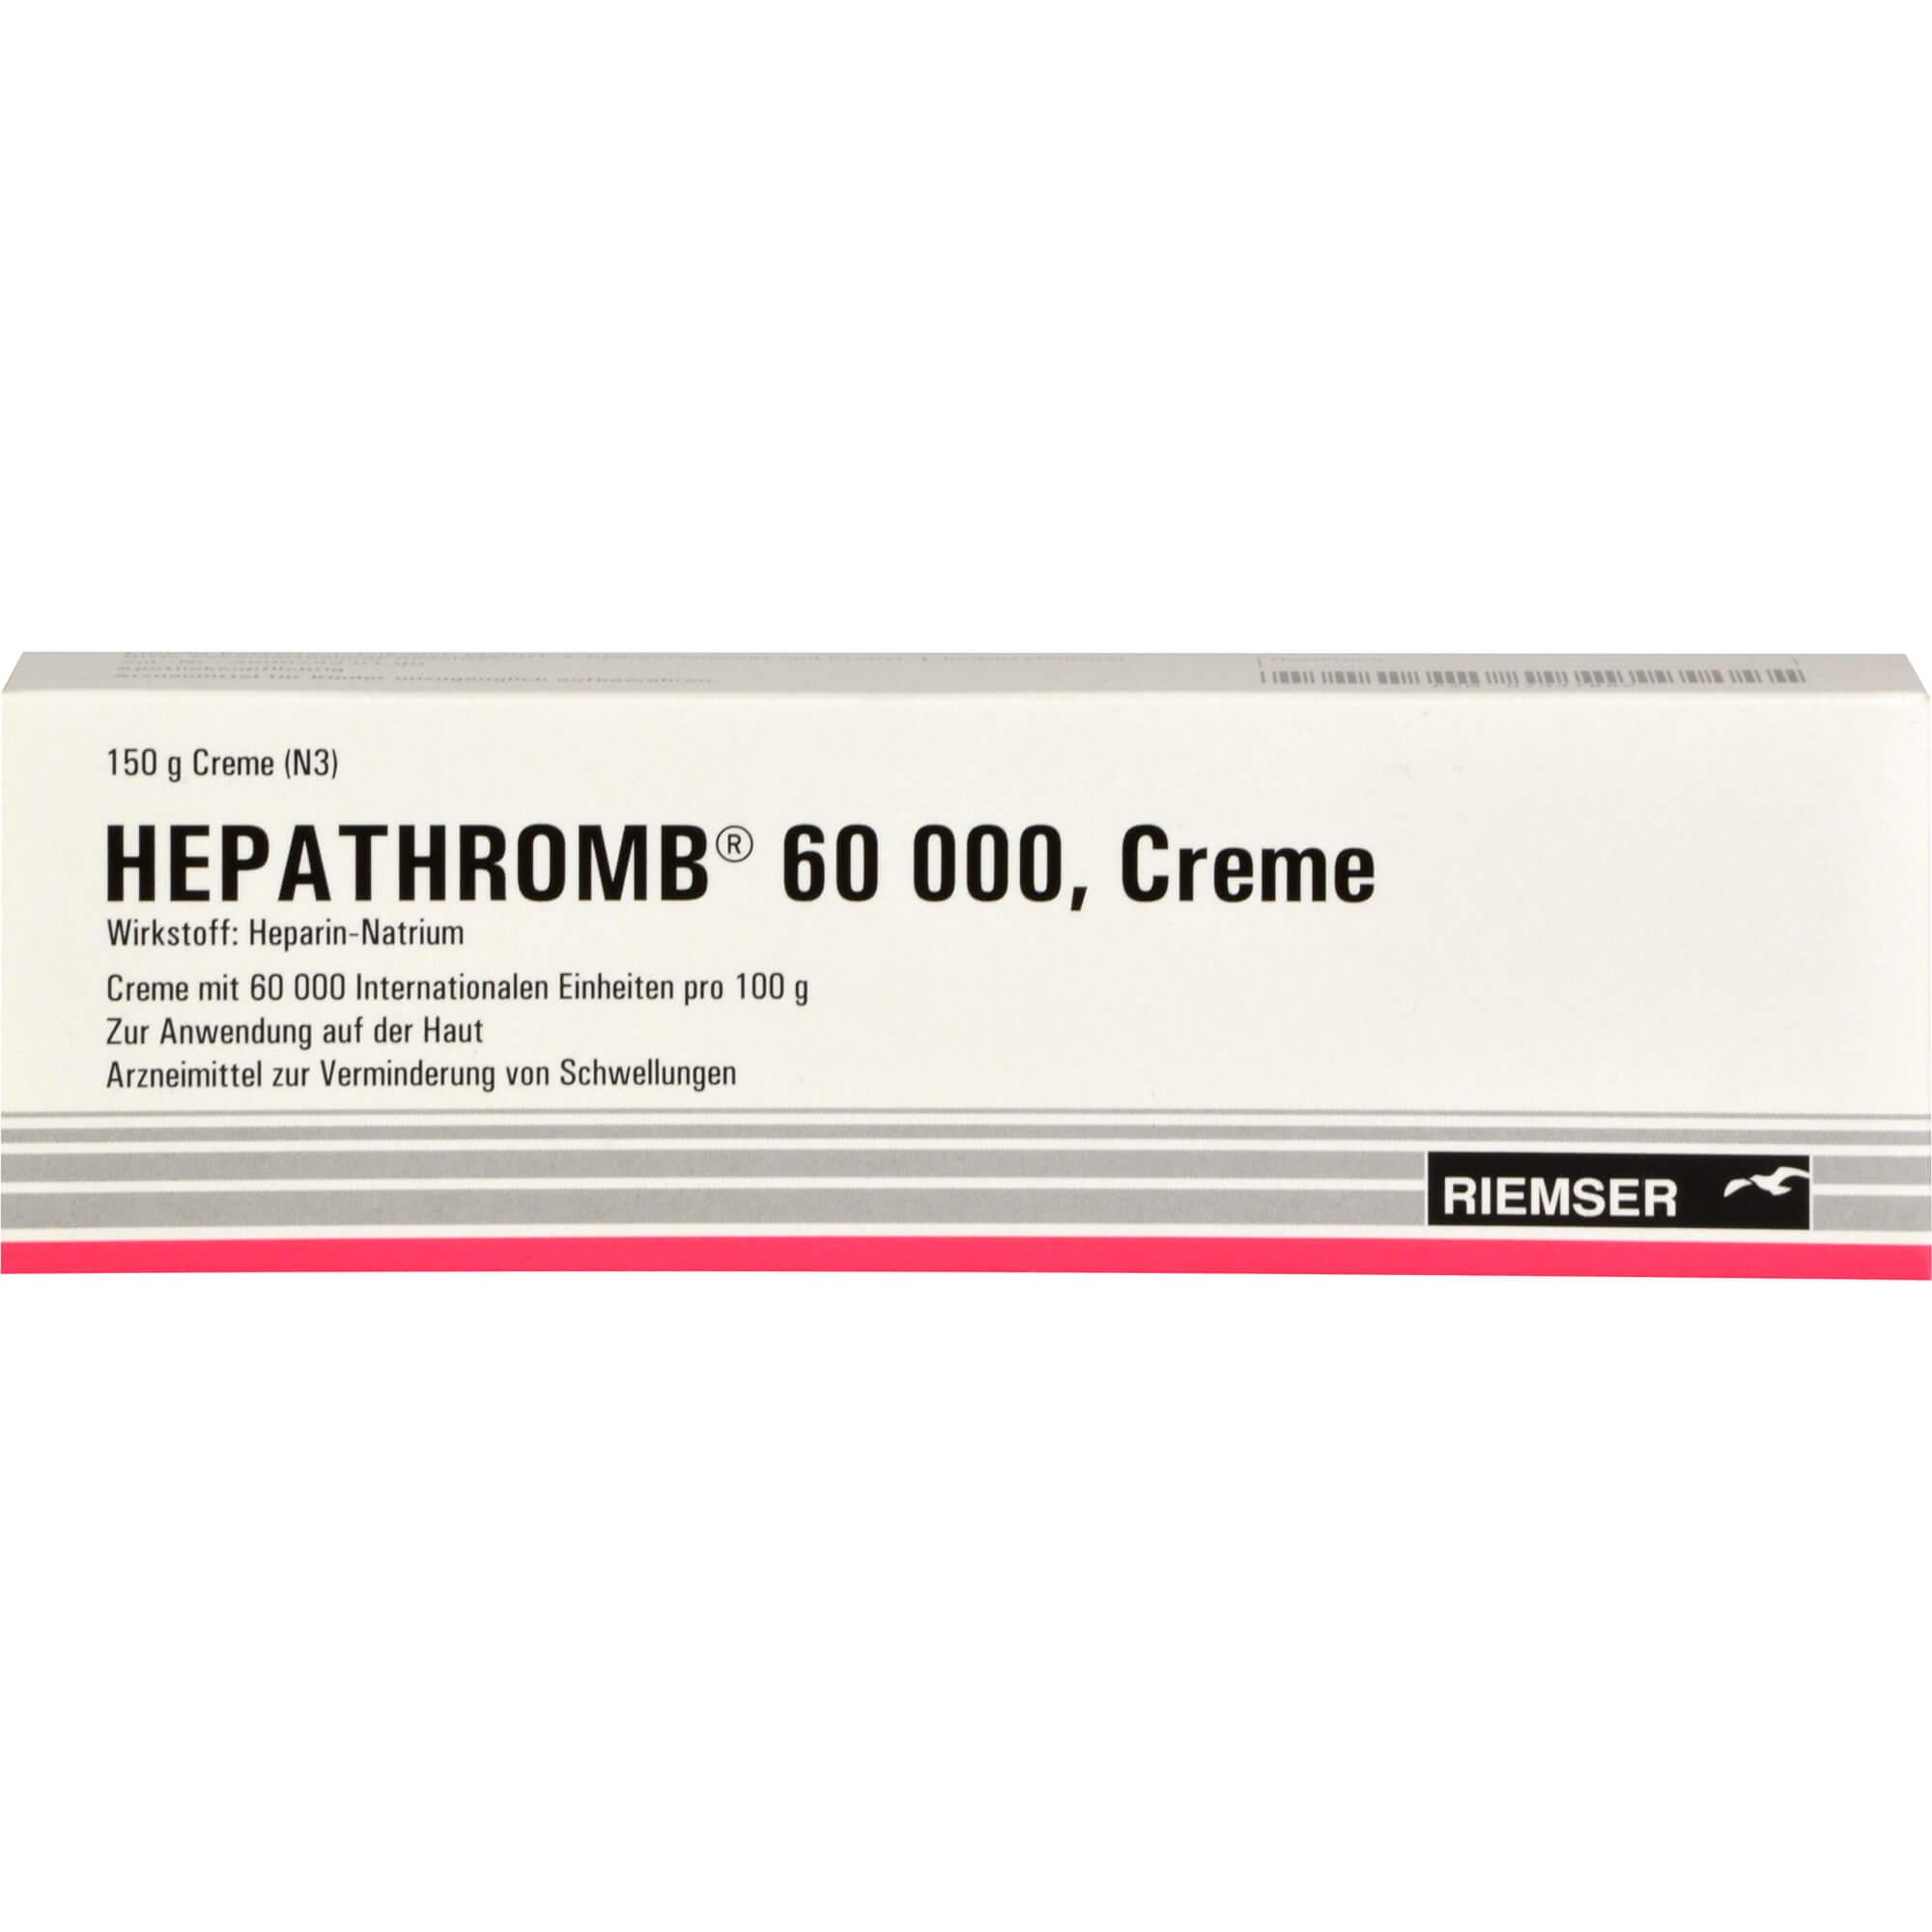 HEPATHROMB Creme 60.000